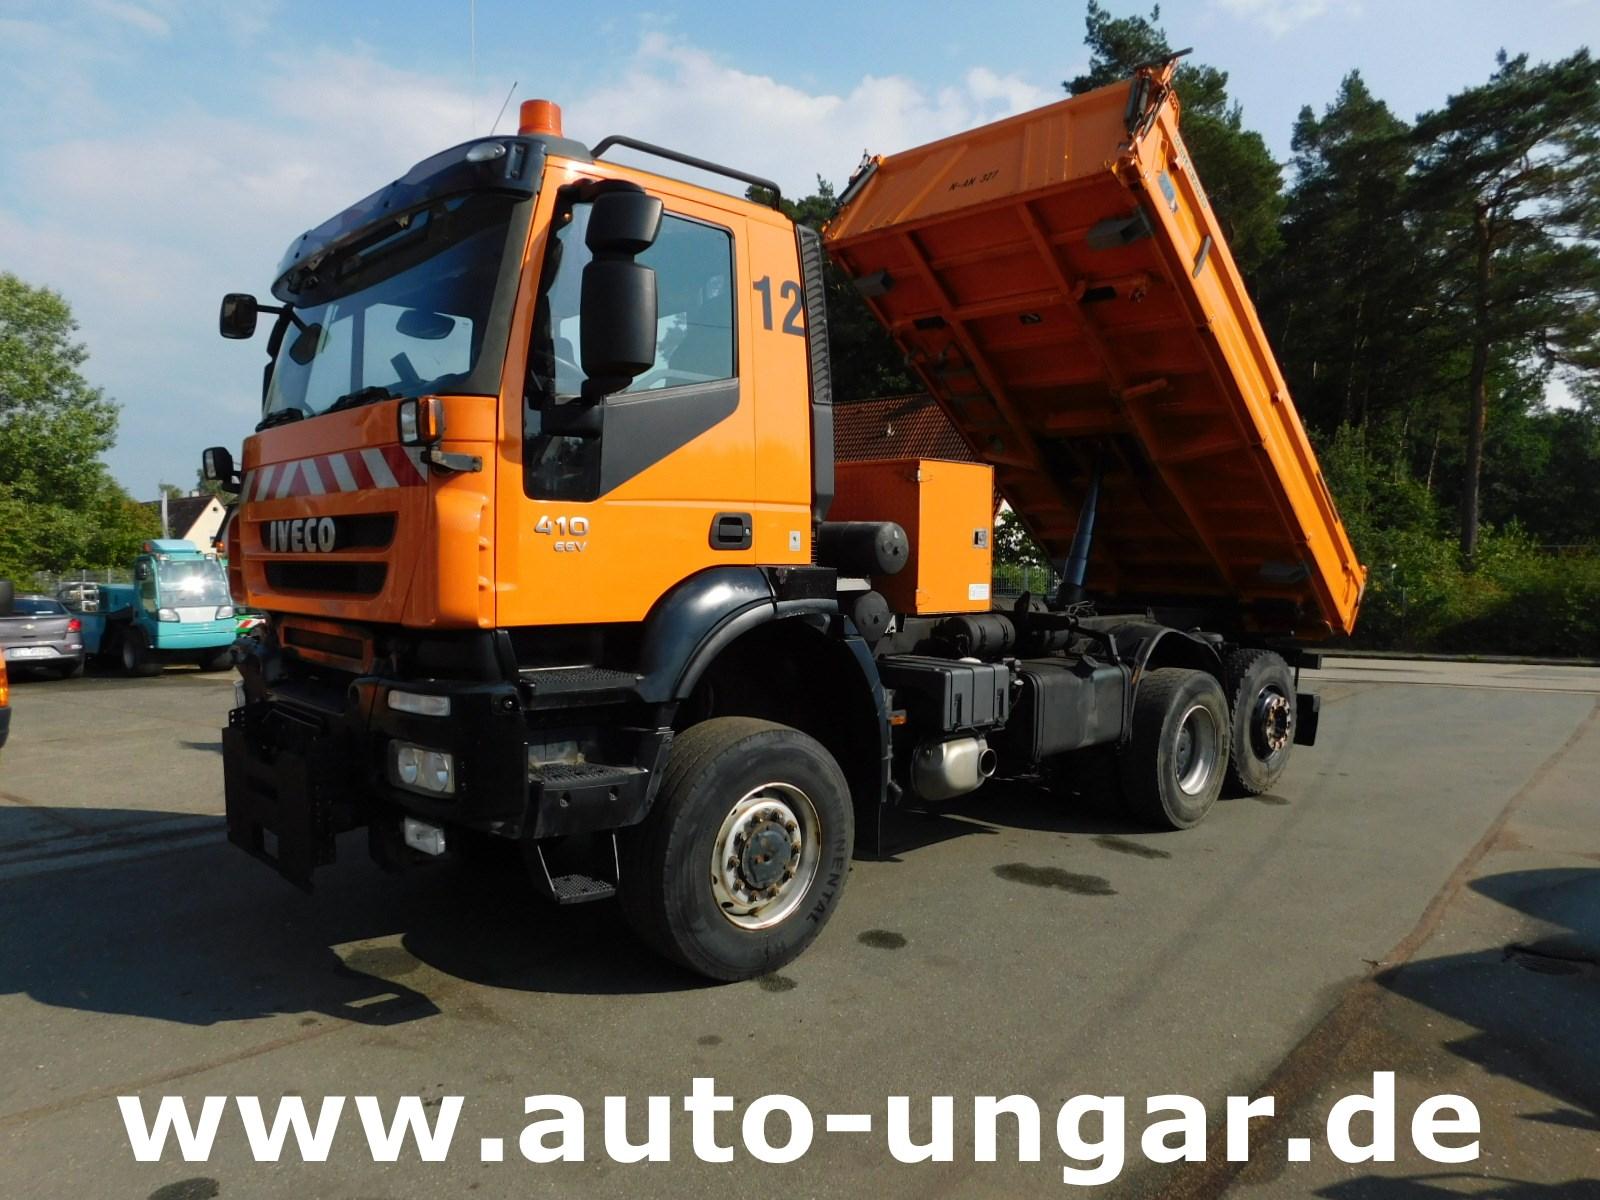 Super Auto Ungar-Kommunalfahrzeuge,Feuerwehrfahrzeuge,Kehrmaschinen @IW_53